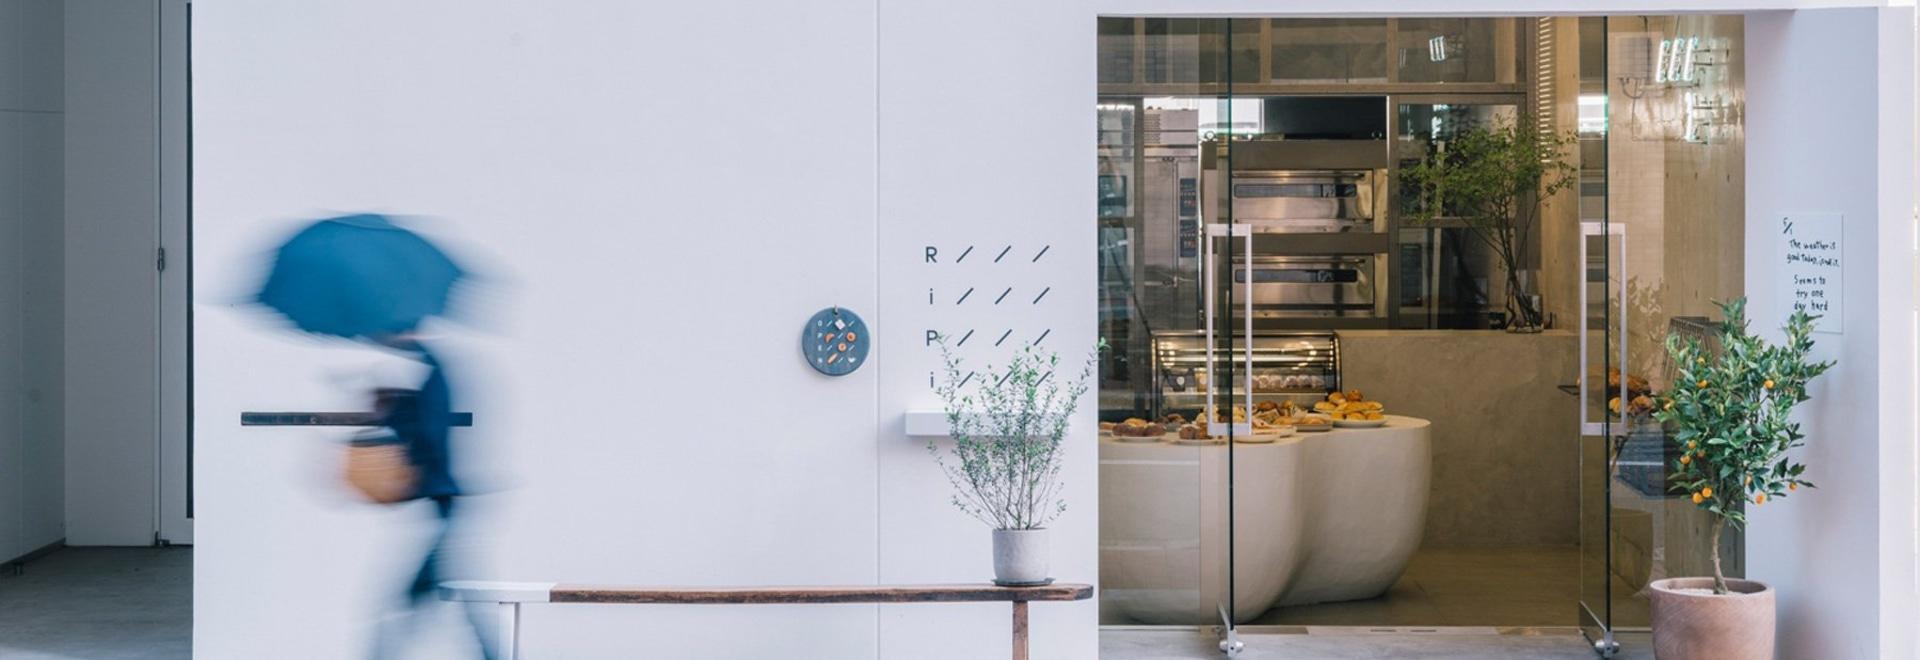 fathom conçoit les boulangeries ripi japonaises comme un espace continu de béton et de verre